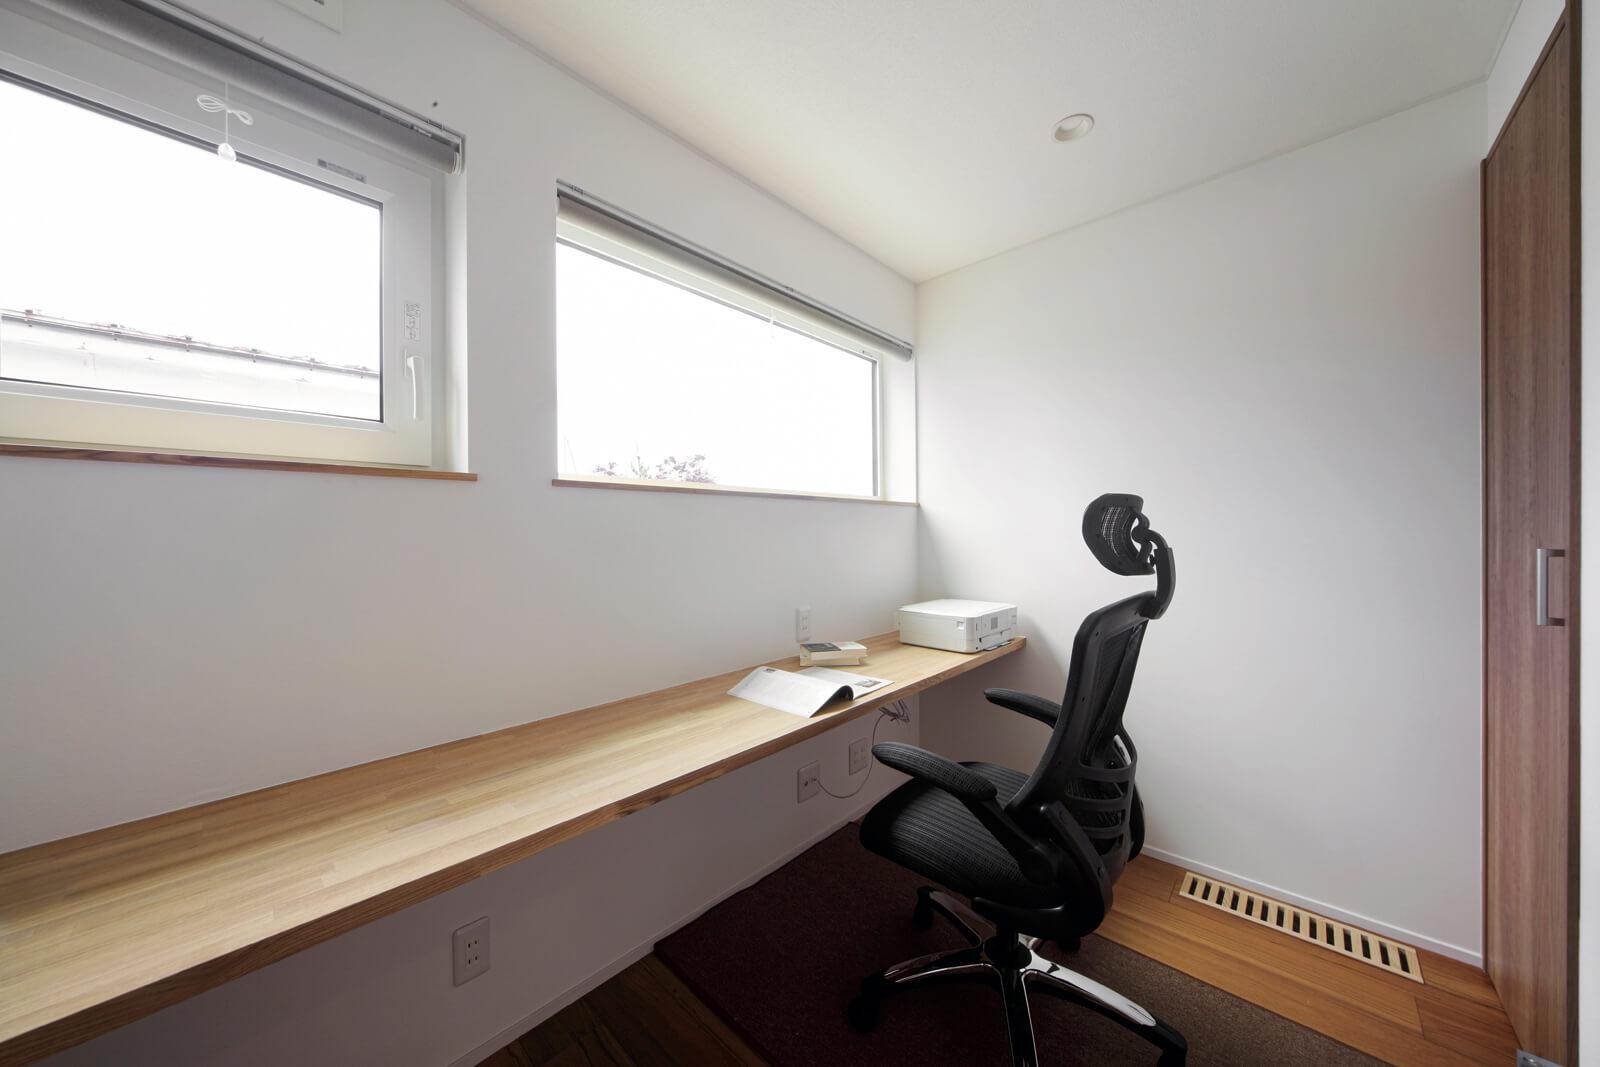 2階南側に設けた書斎に柔らかな光が射し込む。壁面には文庫本用の本棚を造りつけている